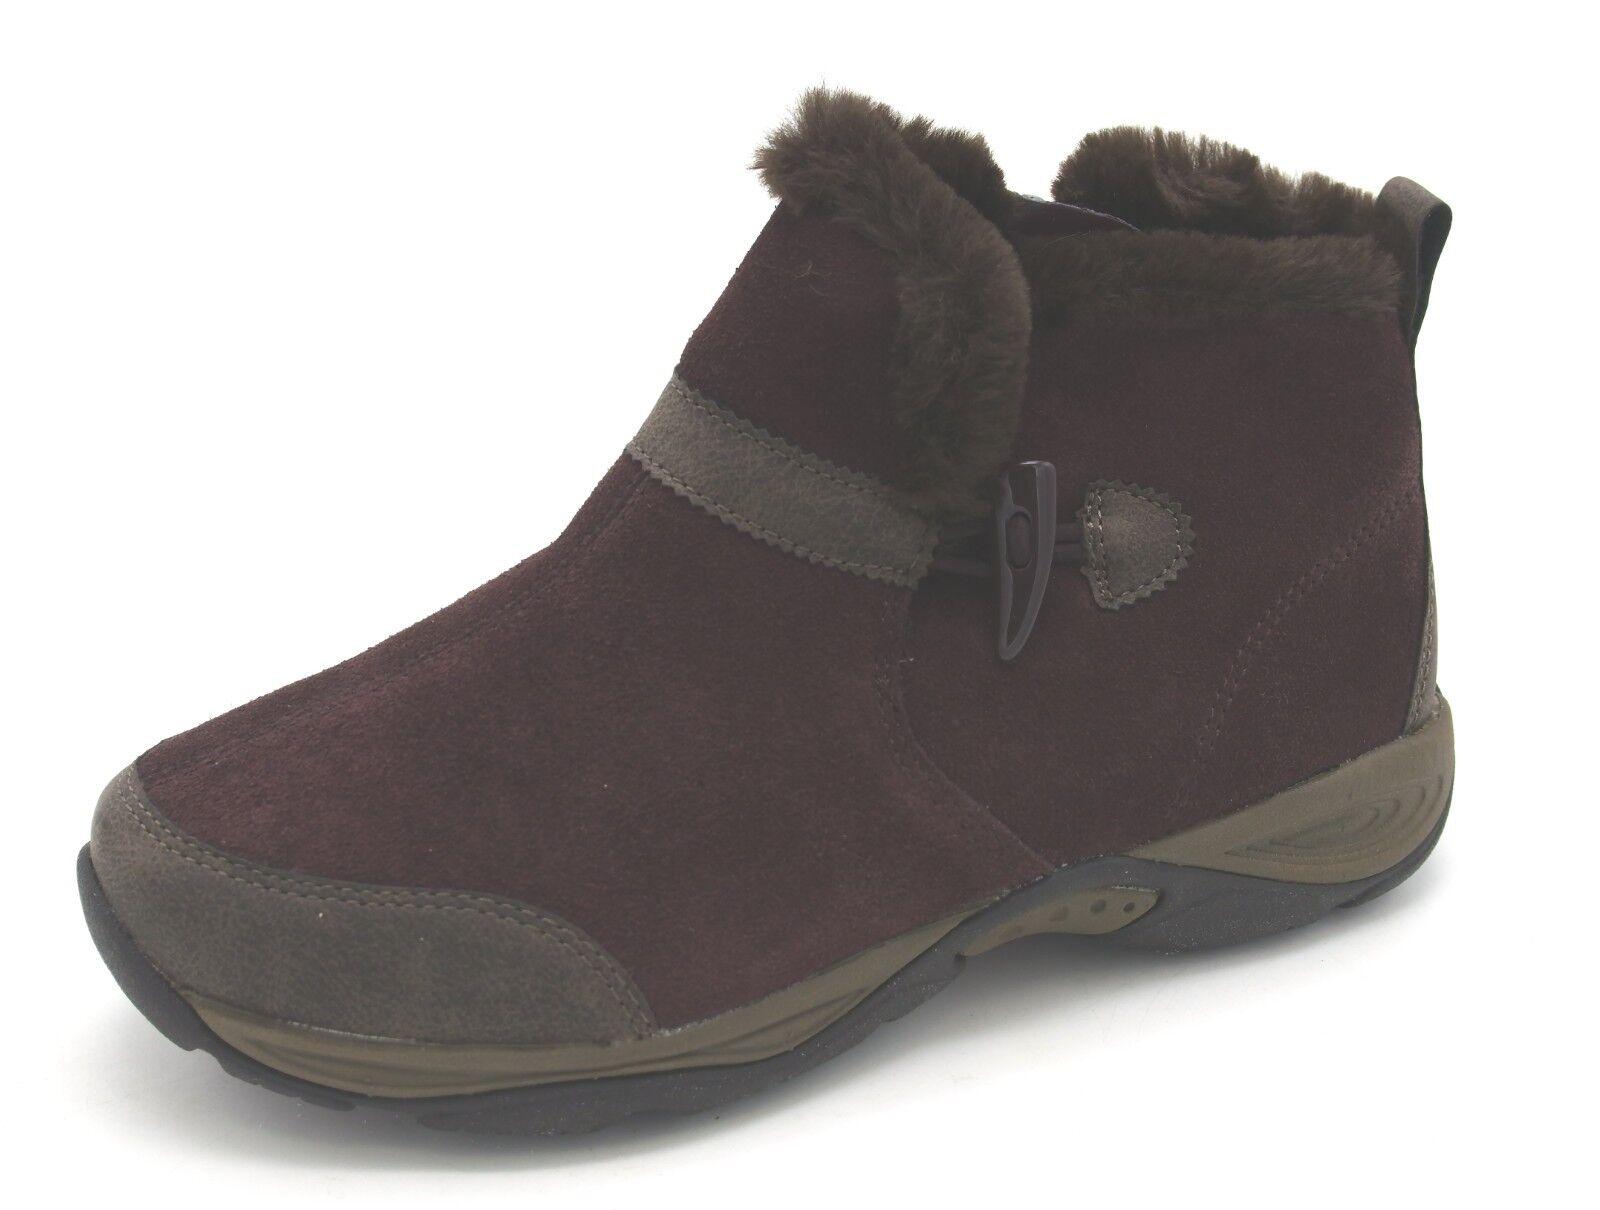 J6981 New Women's Easy Spirit Eppie Dark Purple Suede Ankle Boot 6 W